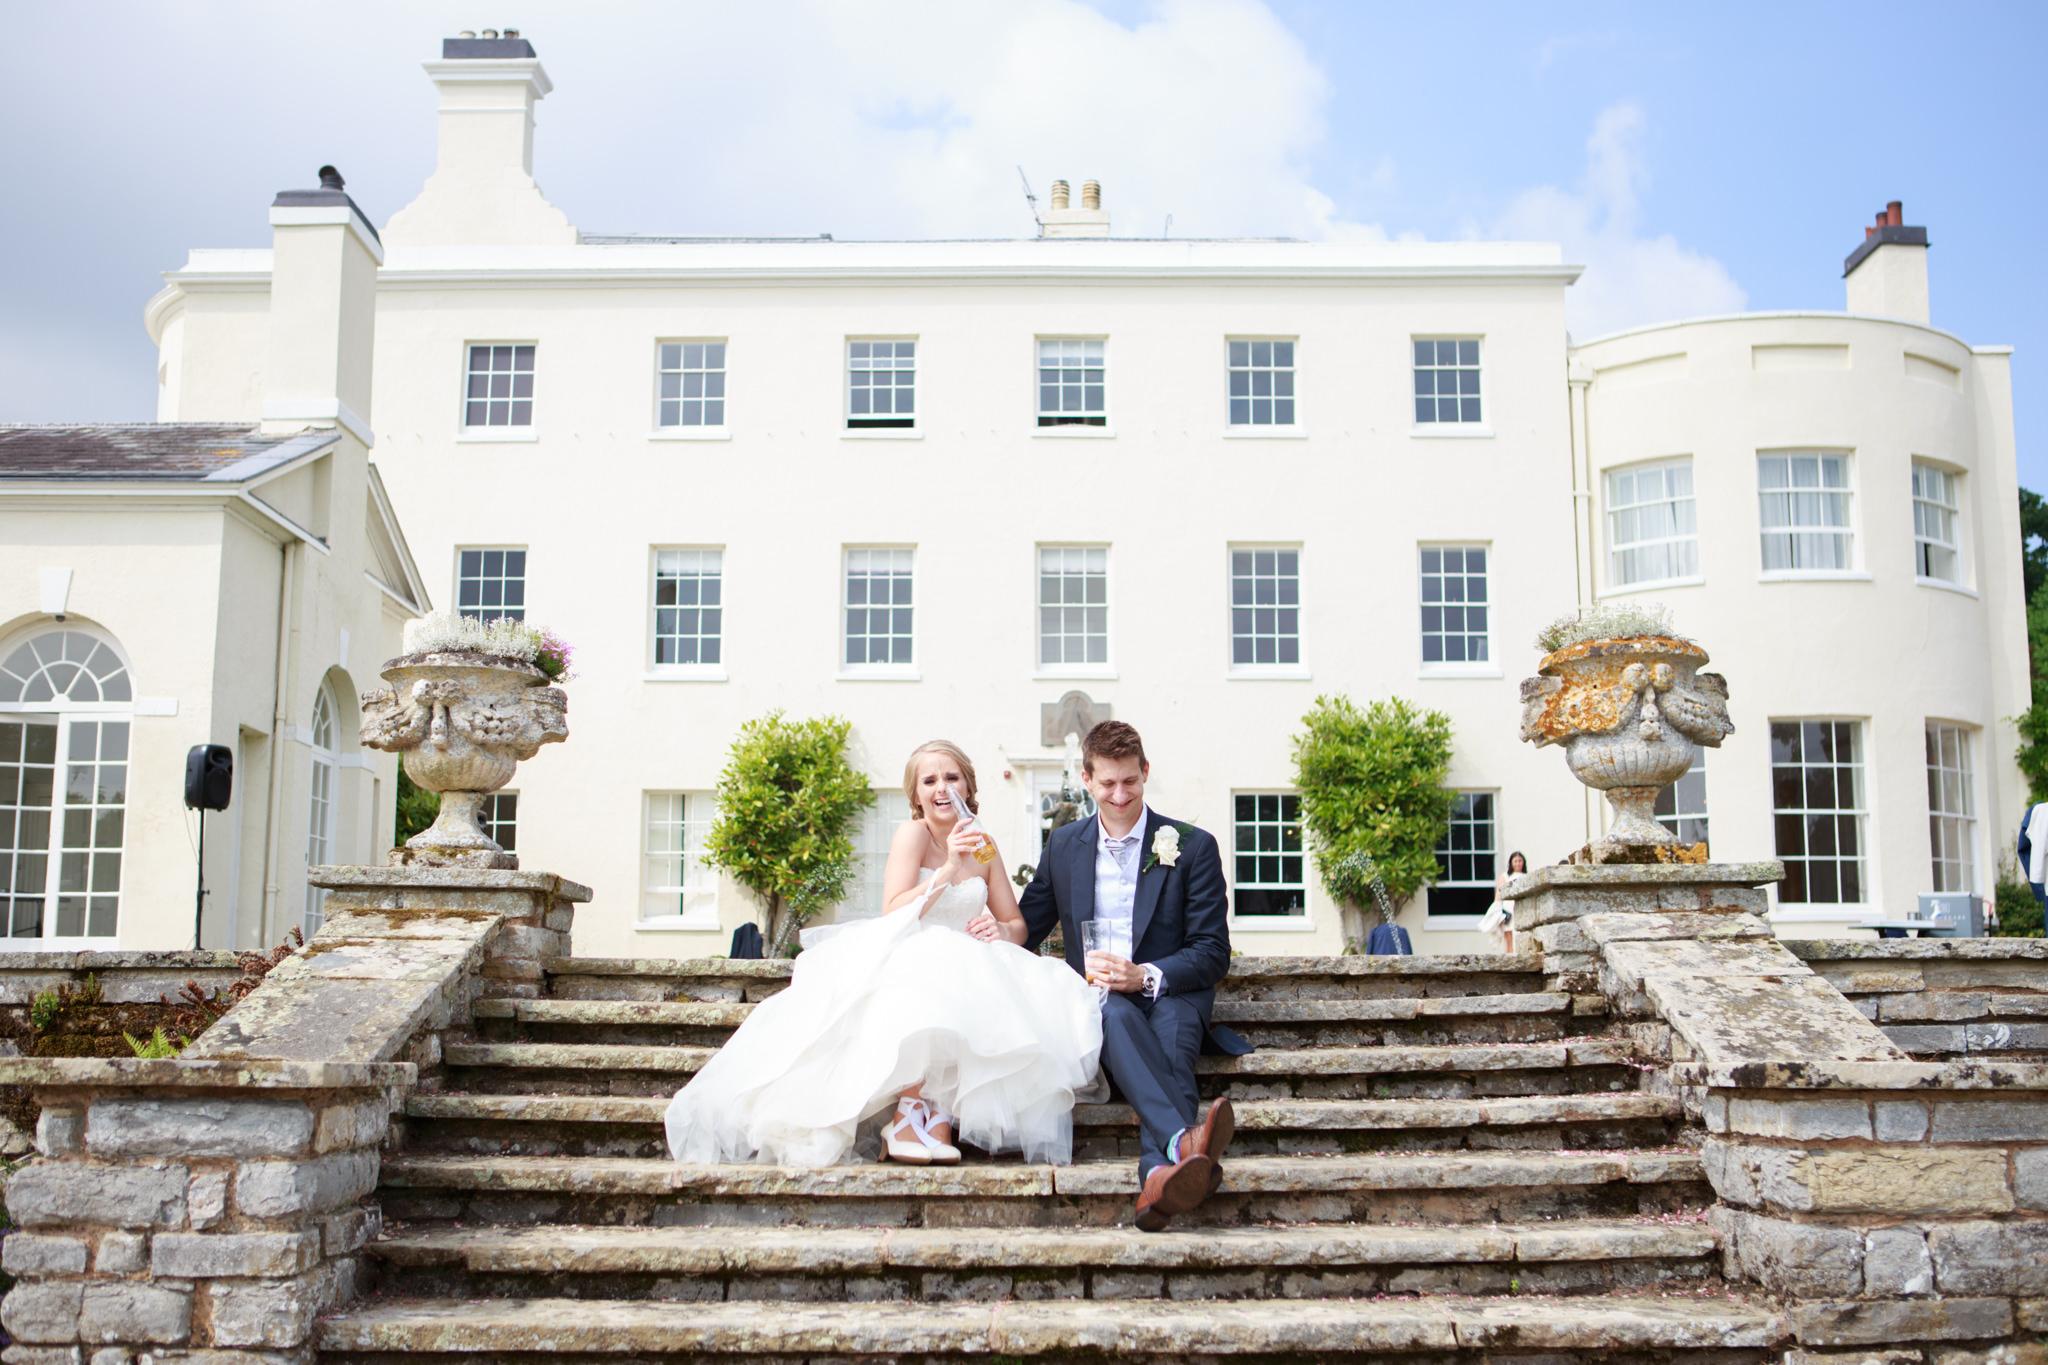 Rockbeare manor wedding photographer 015.jpg